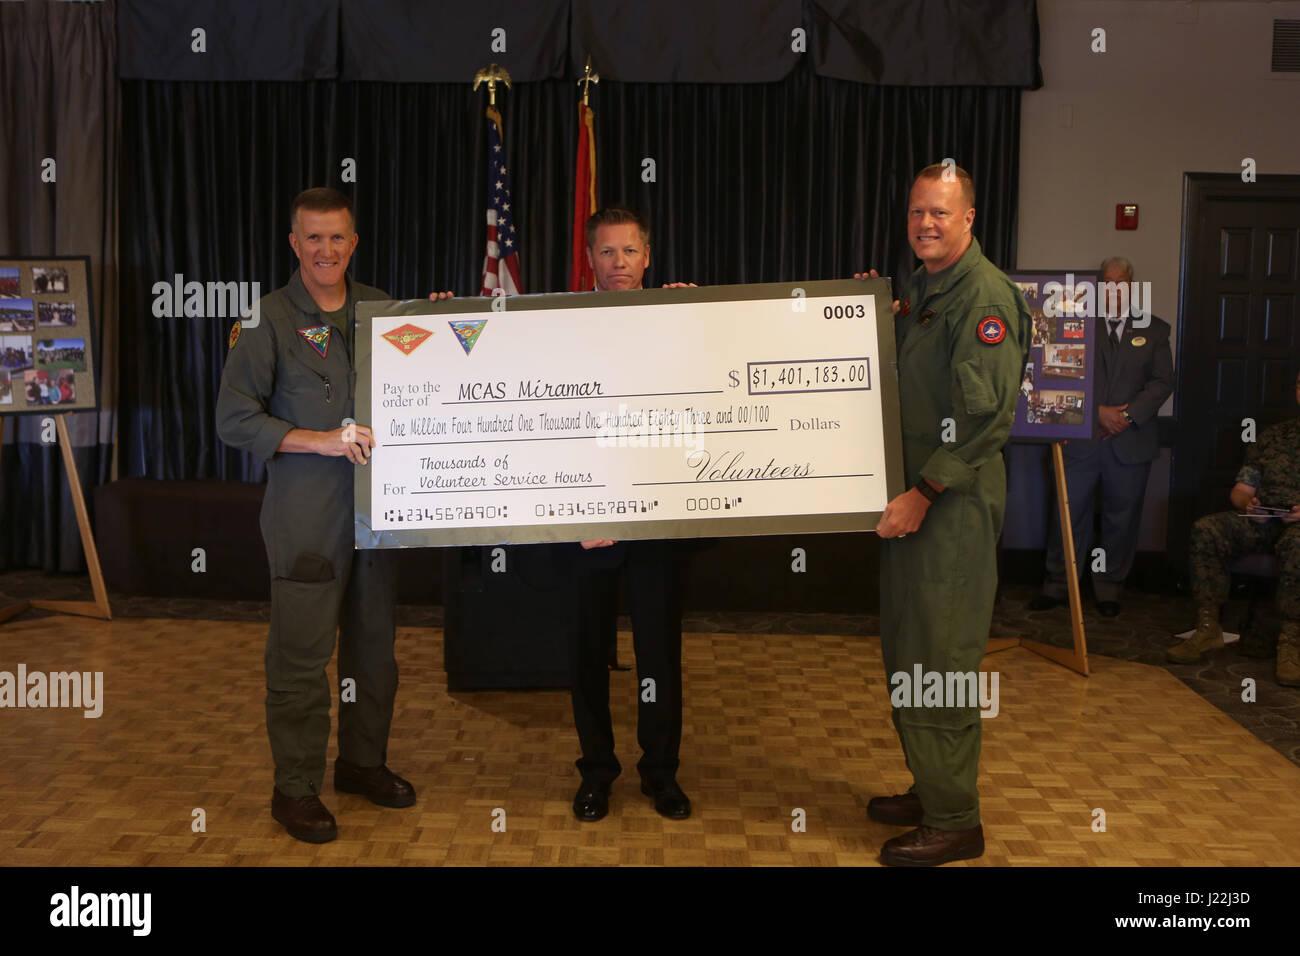 MARINE CORPS AIR STATION MIRAMAR, Calif. – Michael Clausen, center, The Marine Corps Air Station Miramar Marine Stock Photo